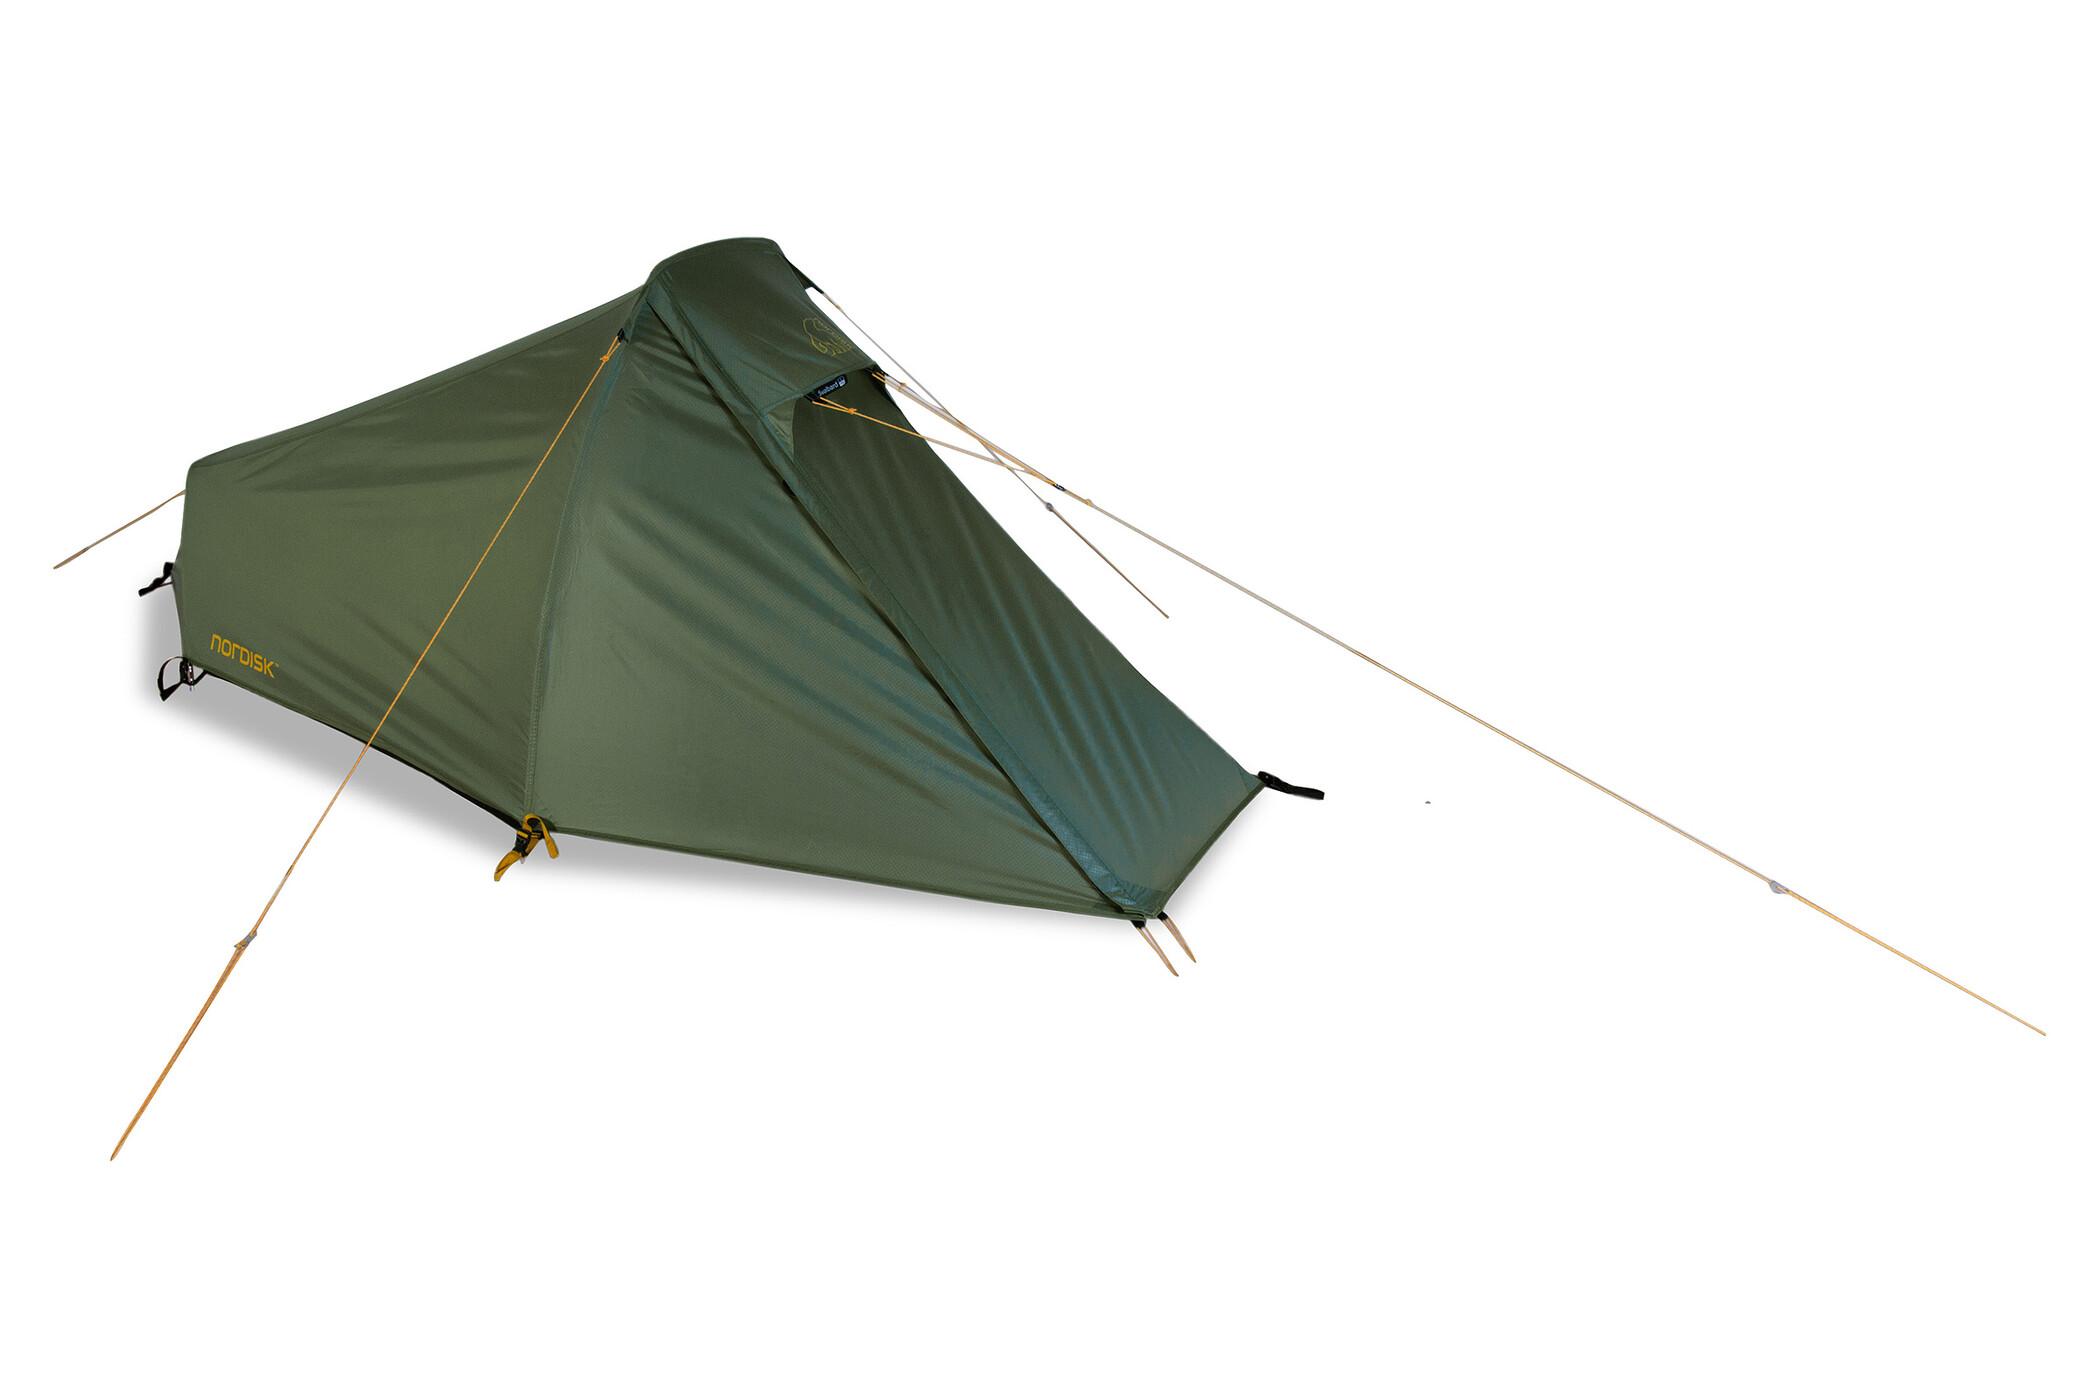 1 Personen Zelte online kaufen |